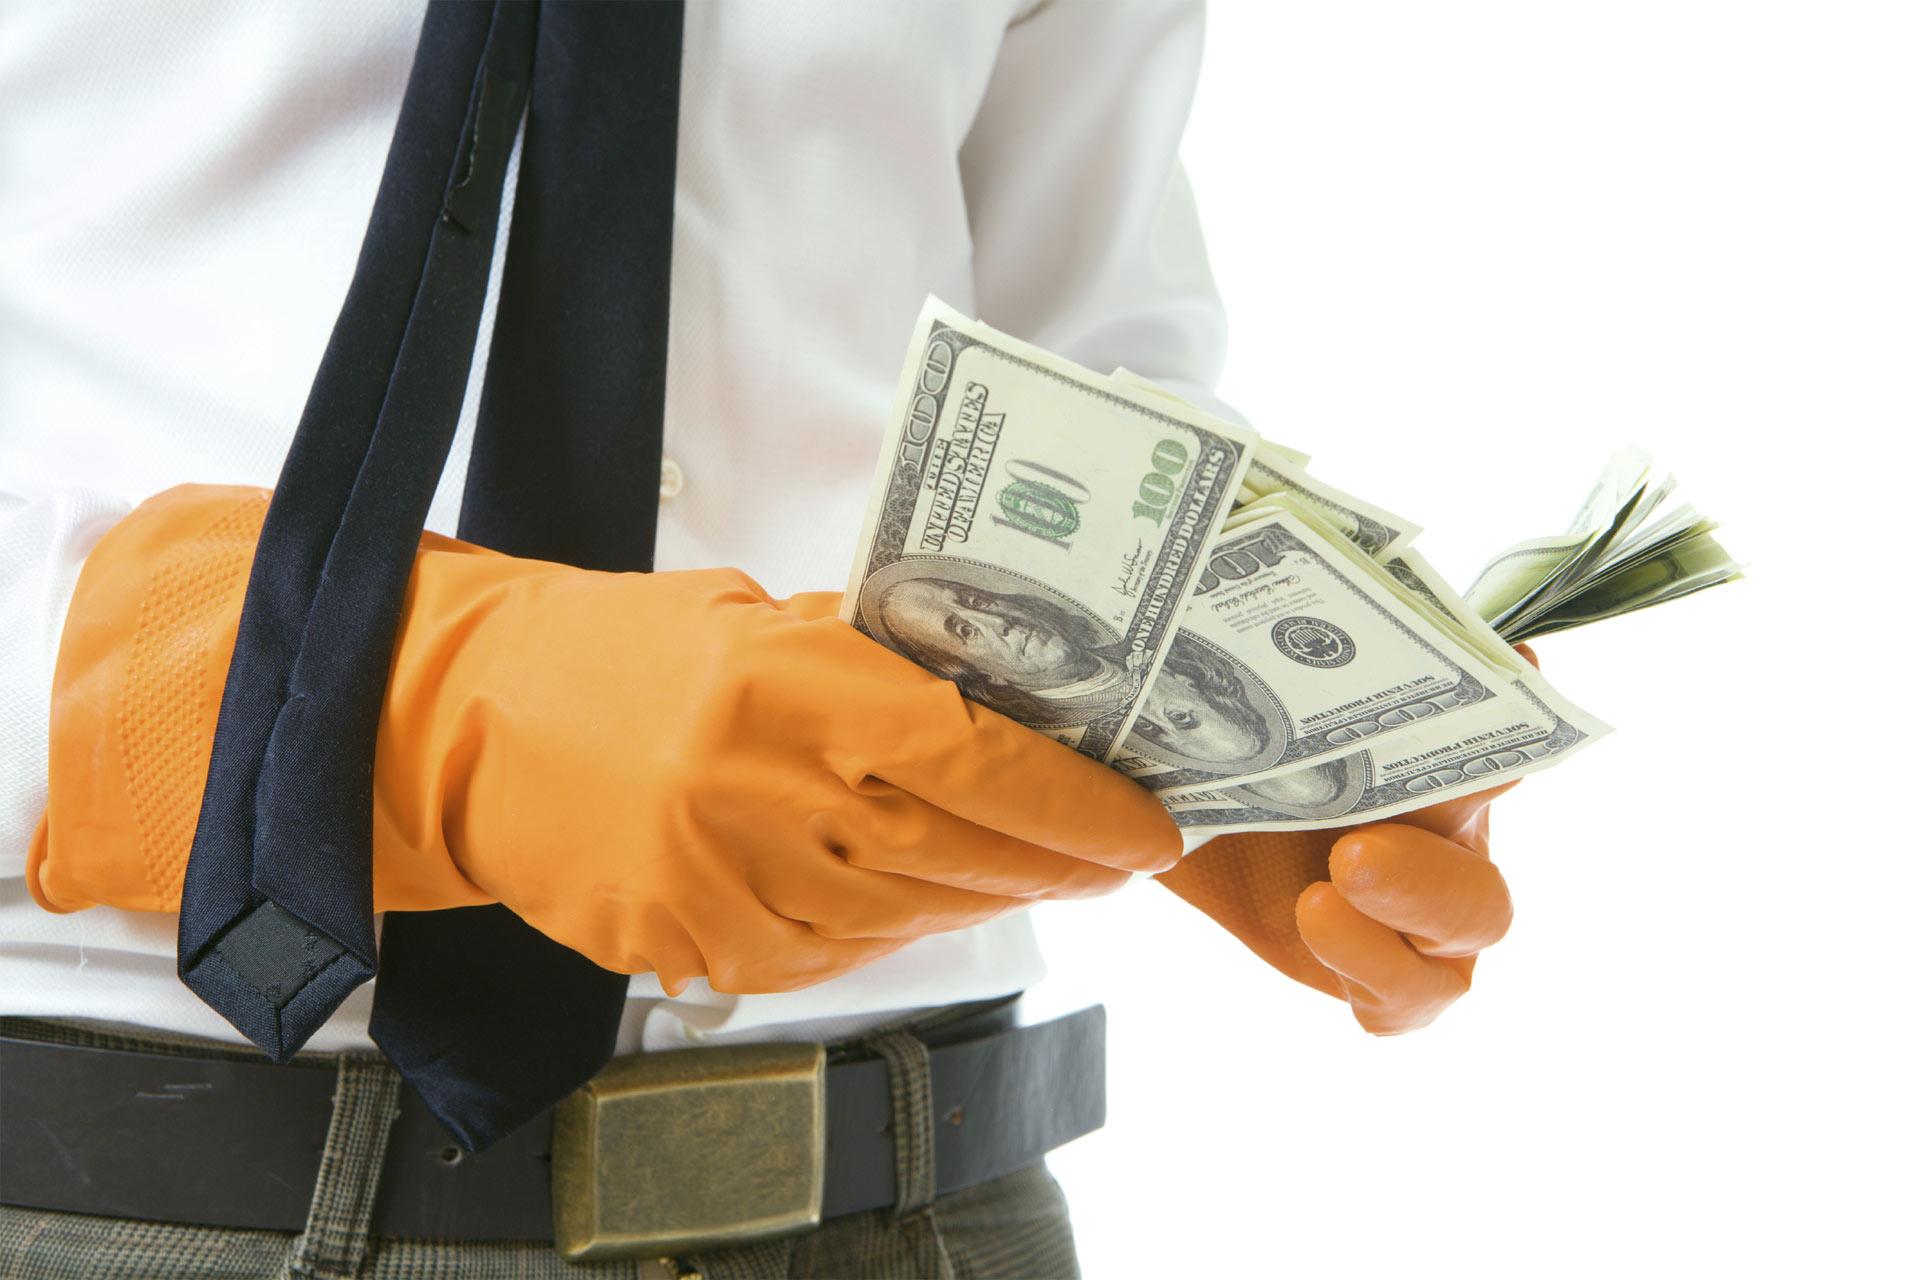 La organización previene a los países del lavado de dinero a través de redes sociales